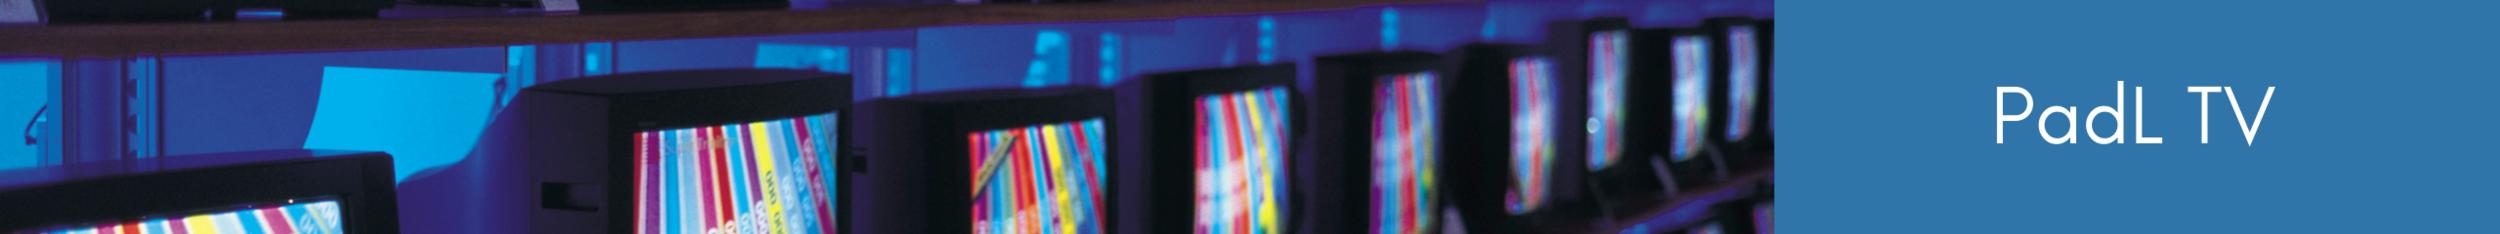 PadLStore-PADL-TV